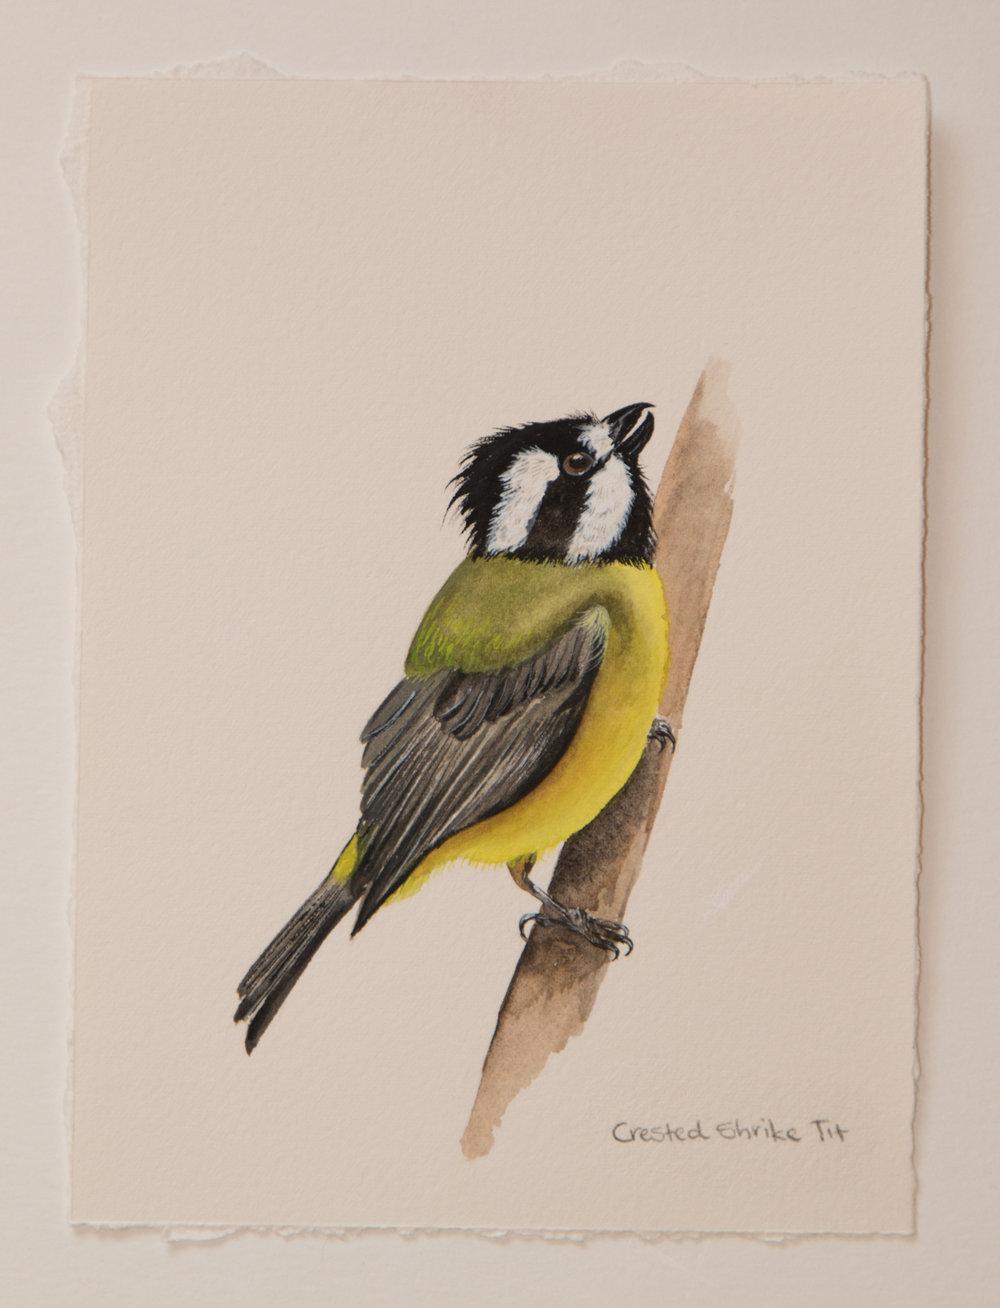 #5. Crested Shrike Tit (1 of 1).jpg